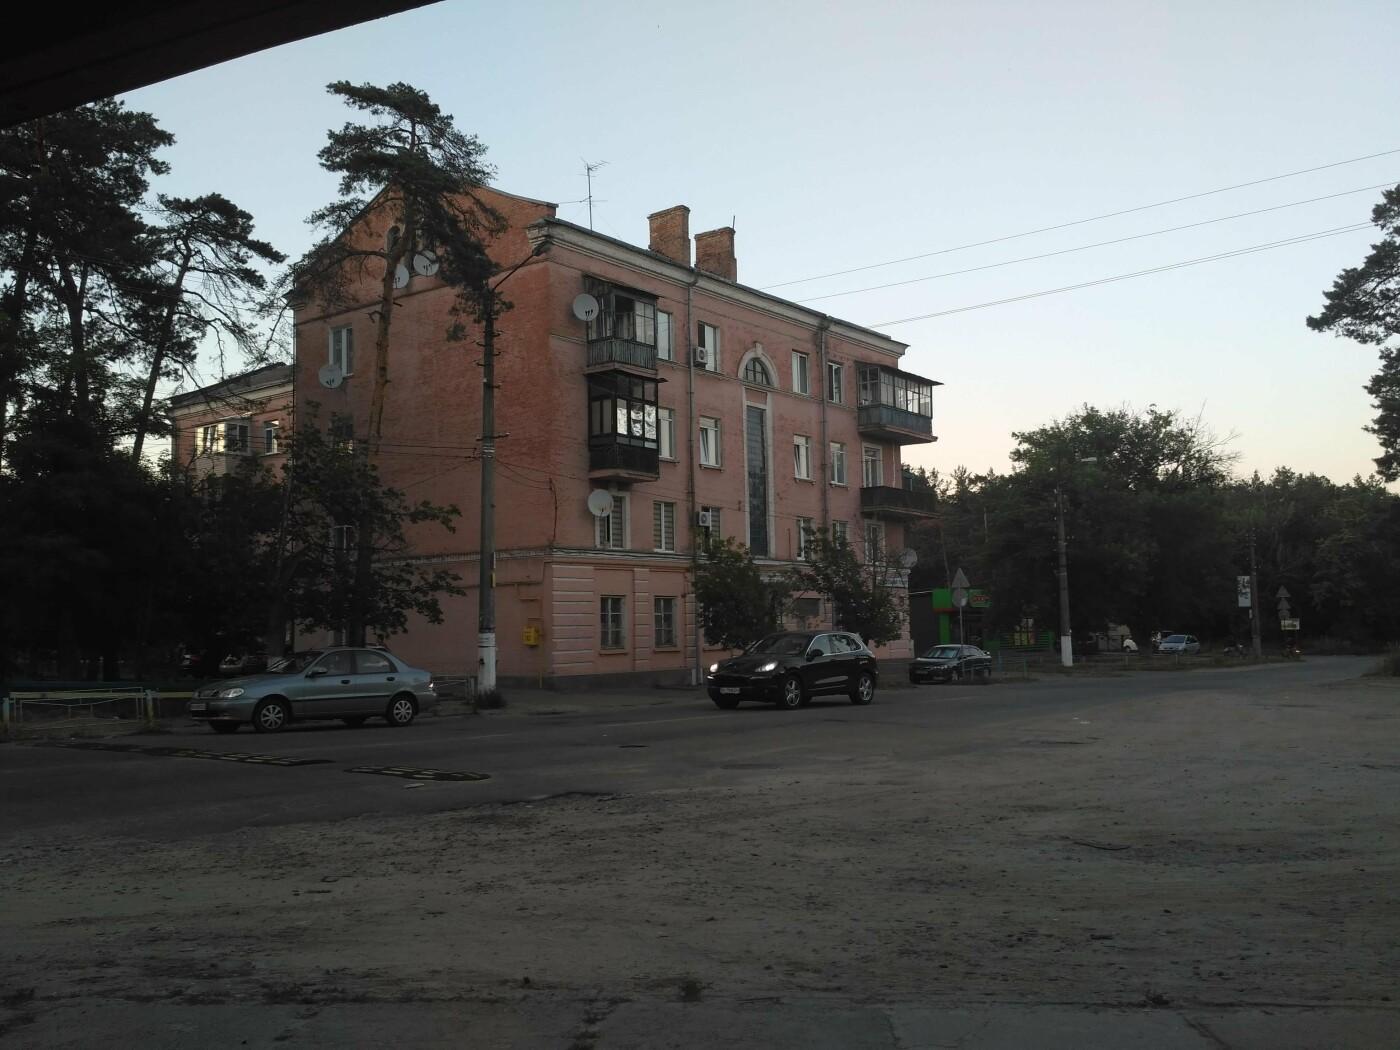 Водогон в Киеве: как появился поселок ДВС и чем он примечателен, - ФОТО, Фото: Maxim qwerty